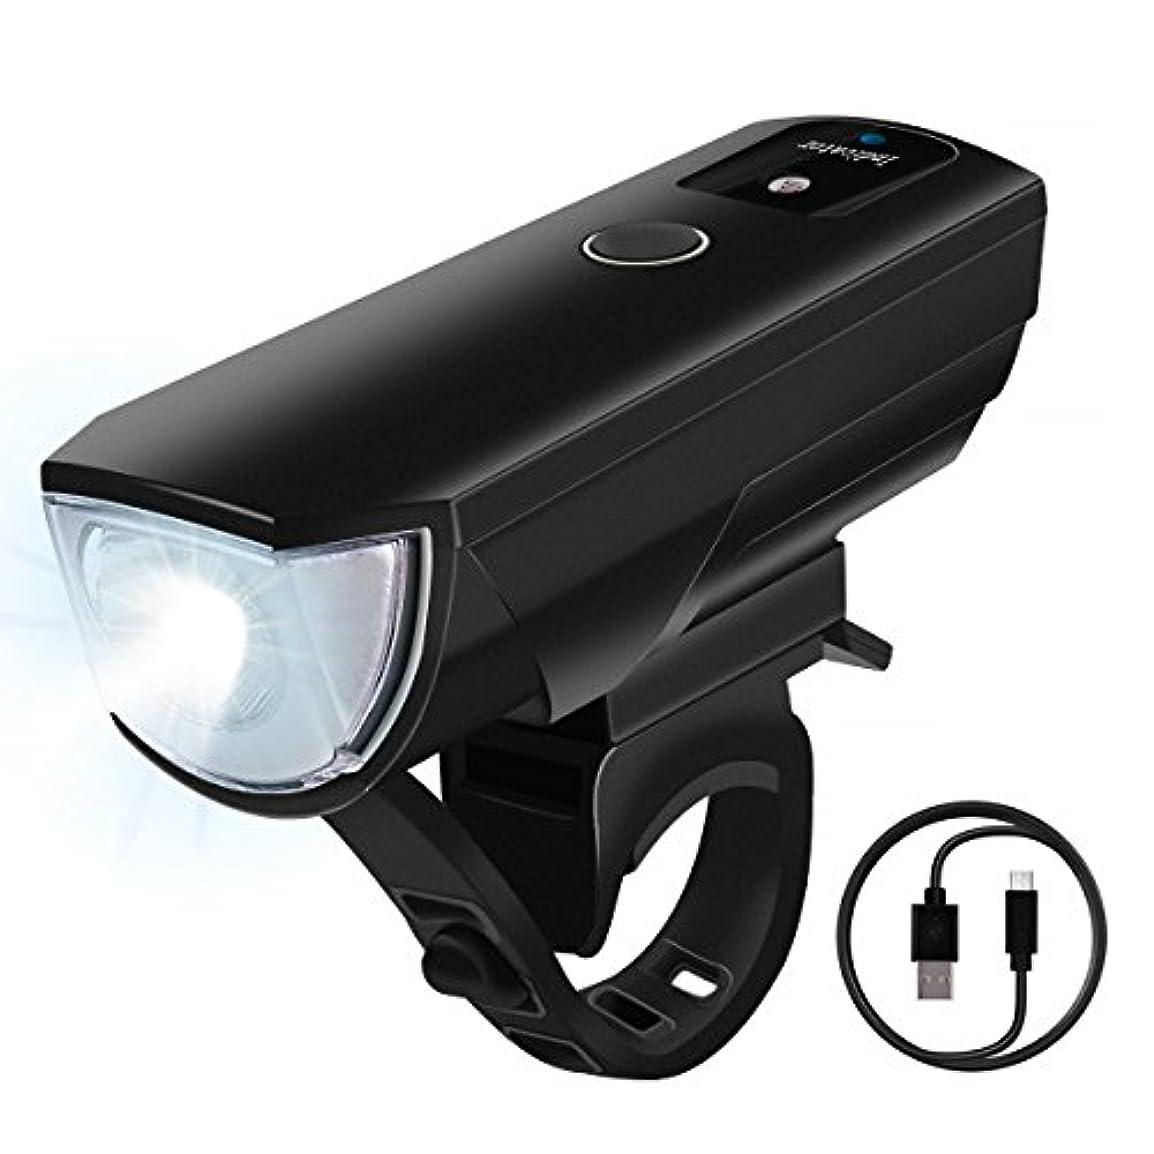 密接に蓋光の【2018最新版】 自転車 ライト 自転車ヘッドライト 防水 自動点灯 高輝度LED 4段階調節可能 USB充電式 2000mAh 自動明度調節 防振防災 小型 取り付け簡単